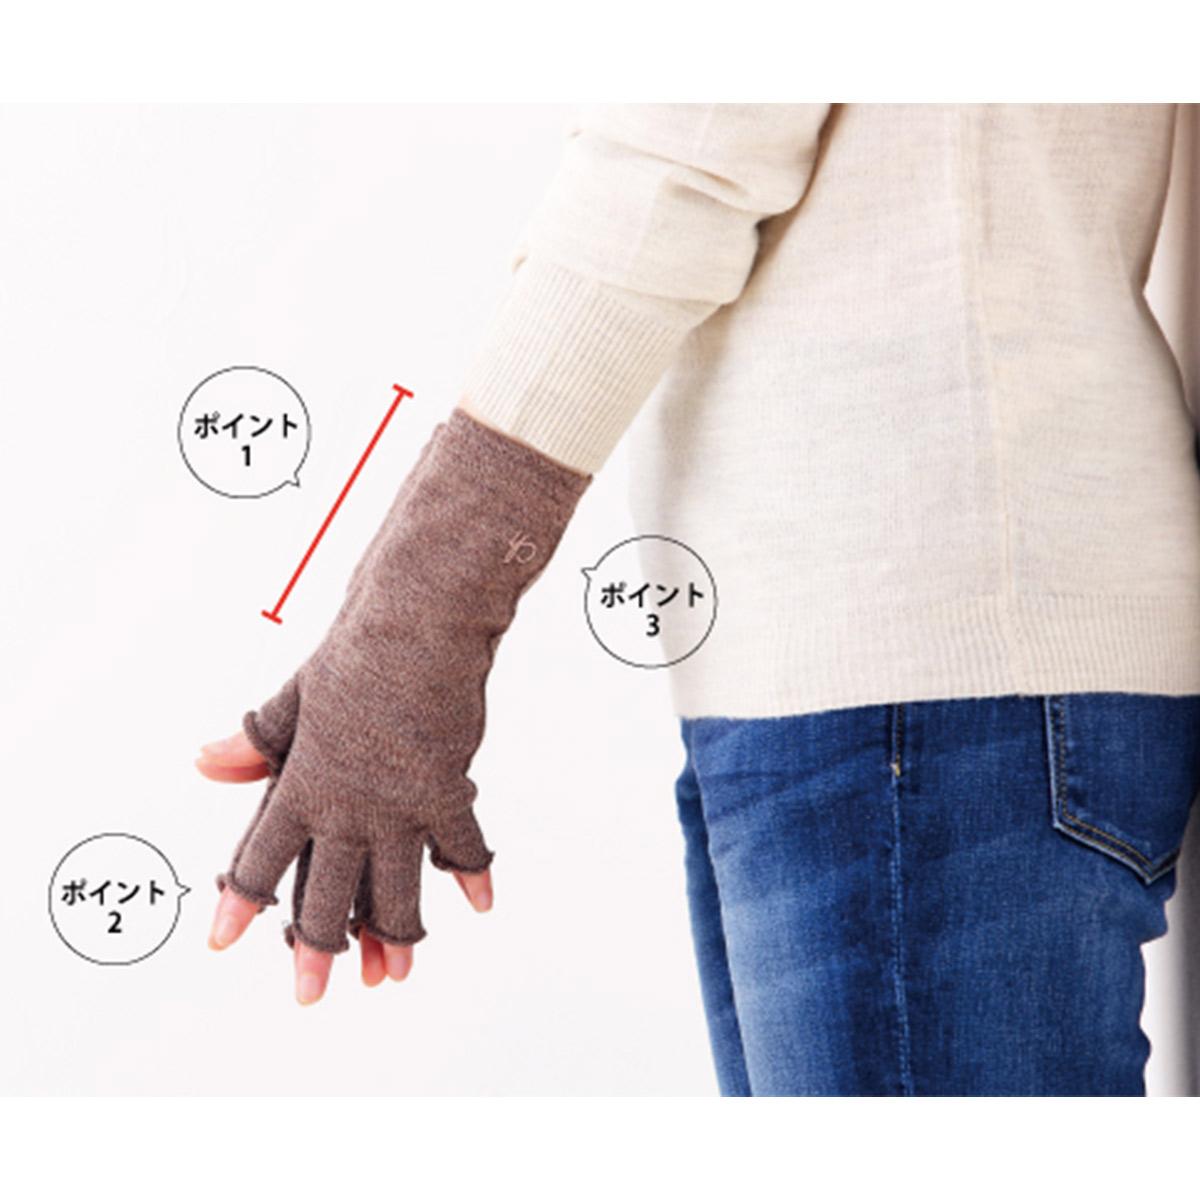 コンフォートハグ 肌側シルクのハンドウォーマー Comfort hugge